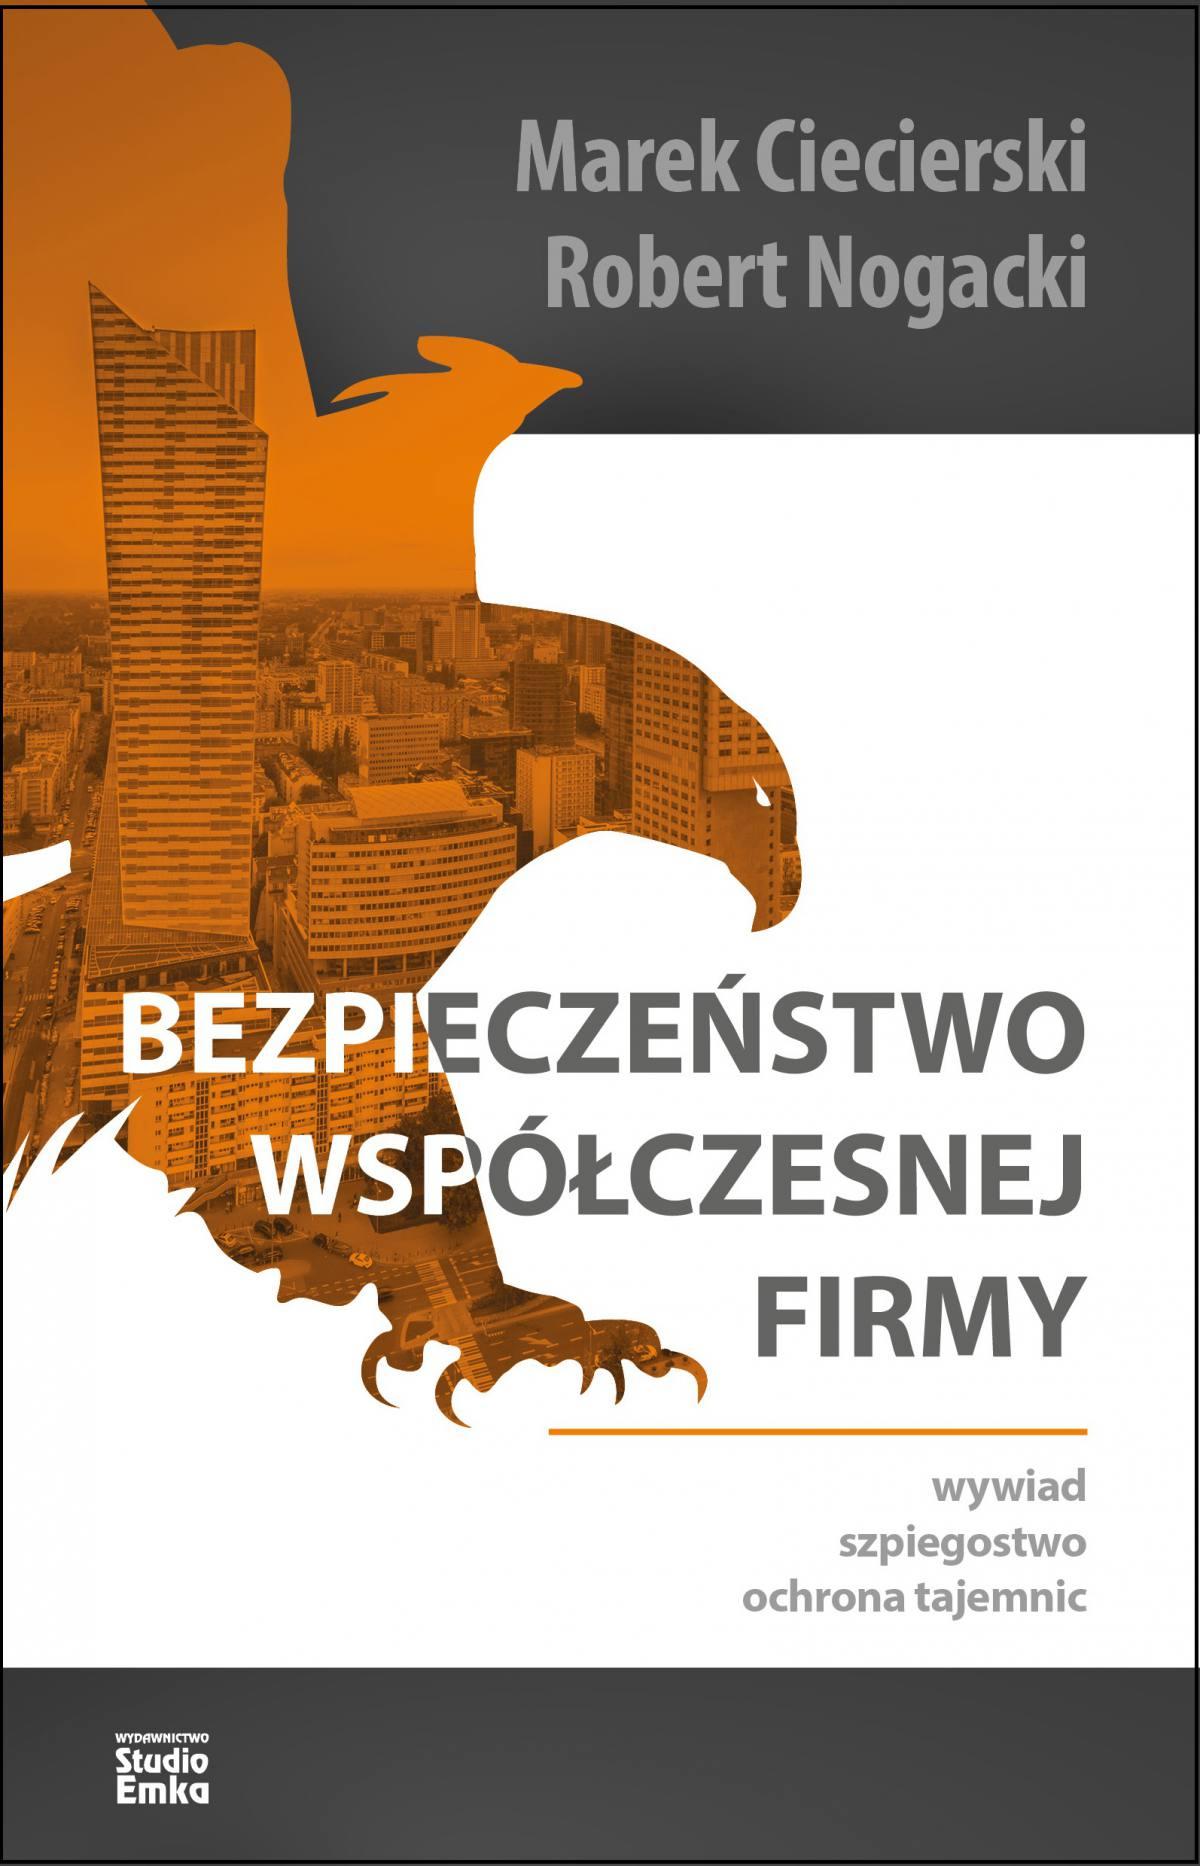 Bezpieczeństwo współczesnej firmy. Wywiad, szpiegostwo, ochrona tajemnic - Ebook (Książka na Kindle) do pobrania w formacie MOBI